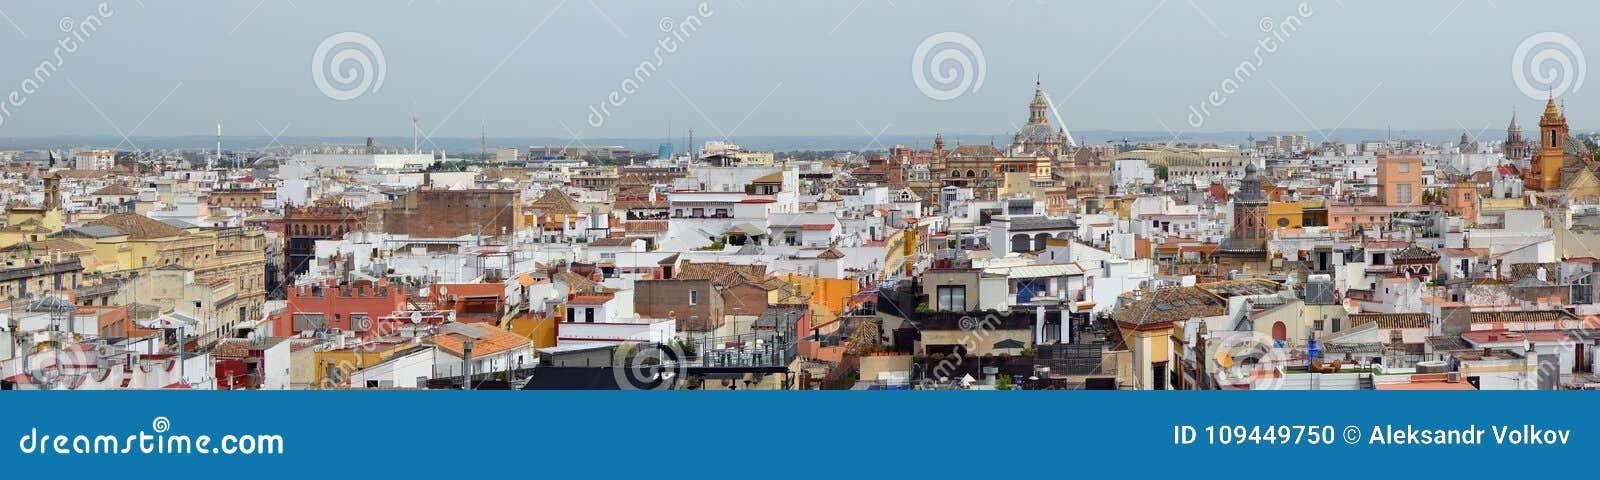 Ένας ουρανός Μαΐου άνοιξη πέρα από τις ισπανικές παλαιές πόλης στέγες της Σεβίλης